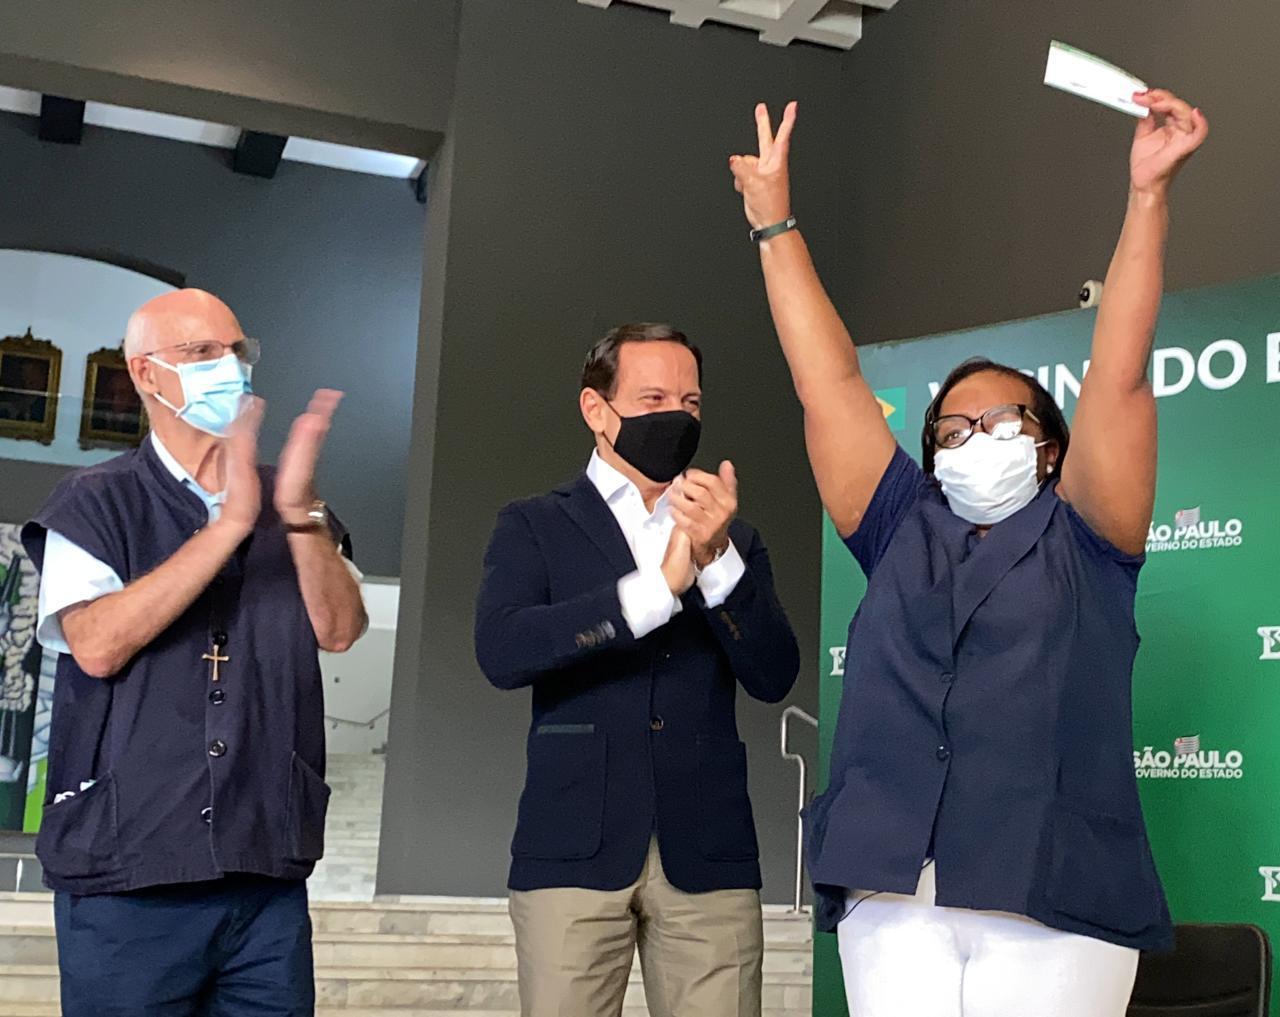 SP ja aplicou mais de 2 milhões de doses de vacinas contra coronavírus